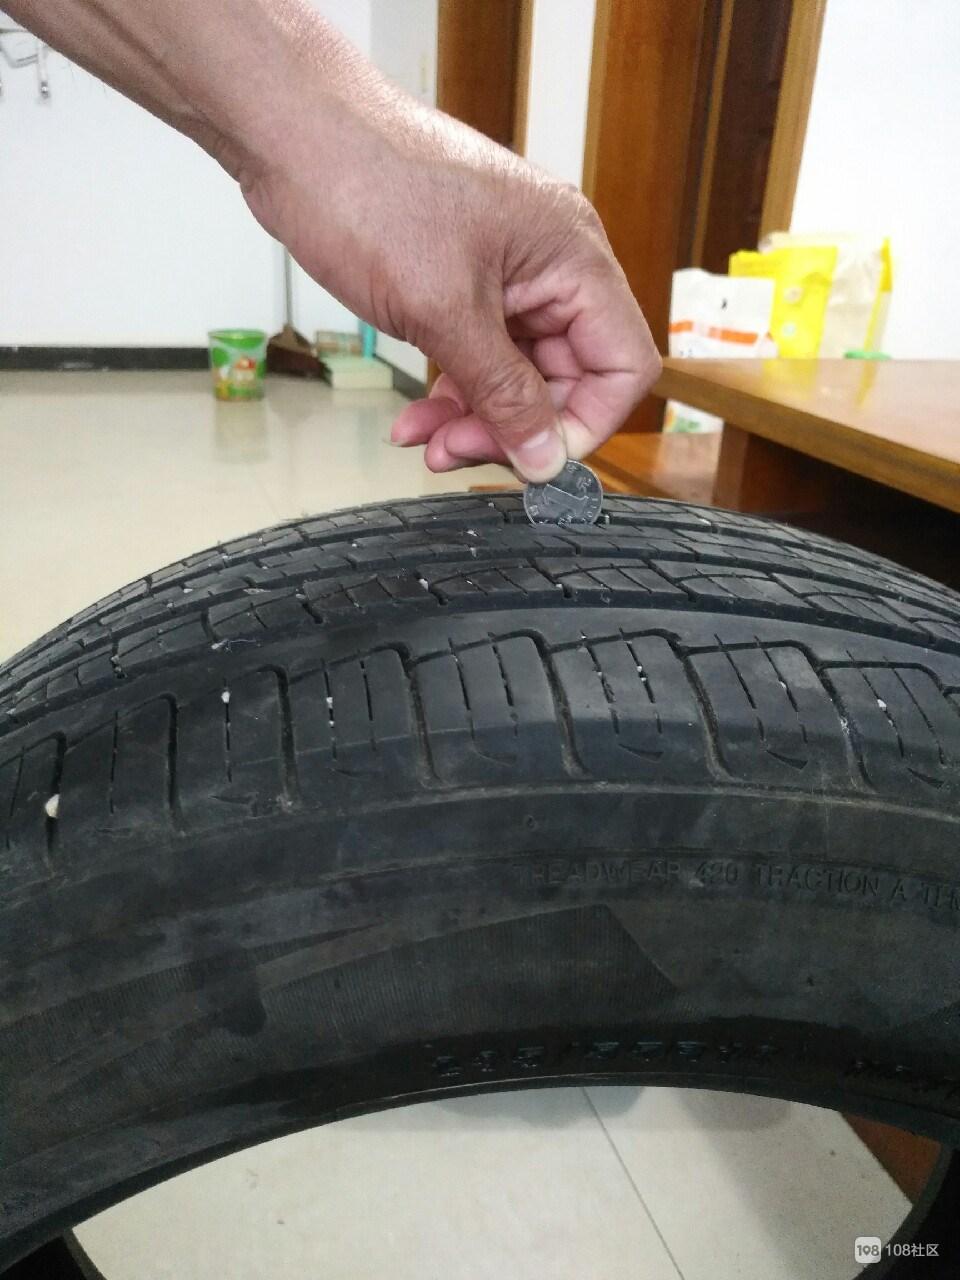 【转卖】汽车轮胎,型号:235/55r16: